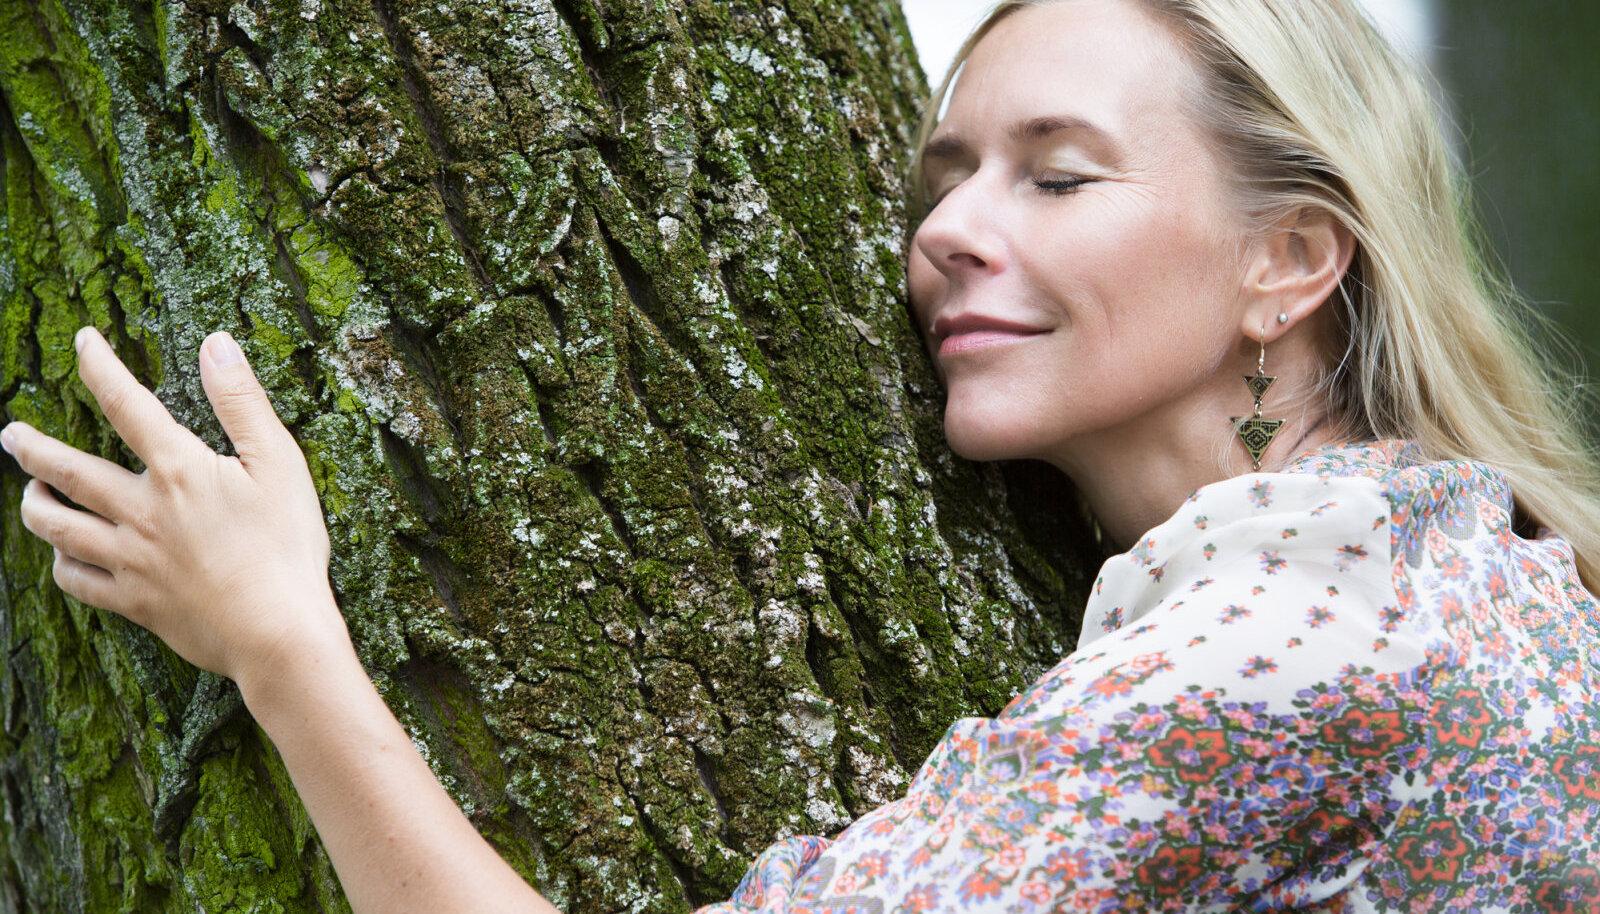 Vali kallistamiseks õige puu